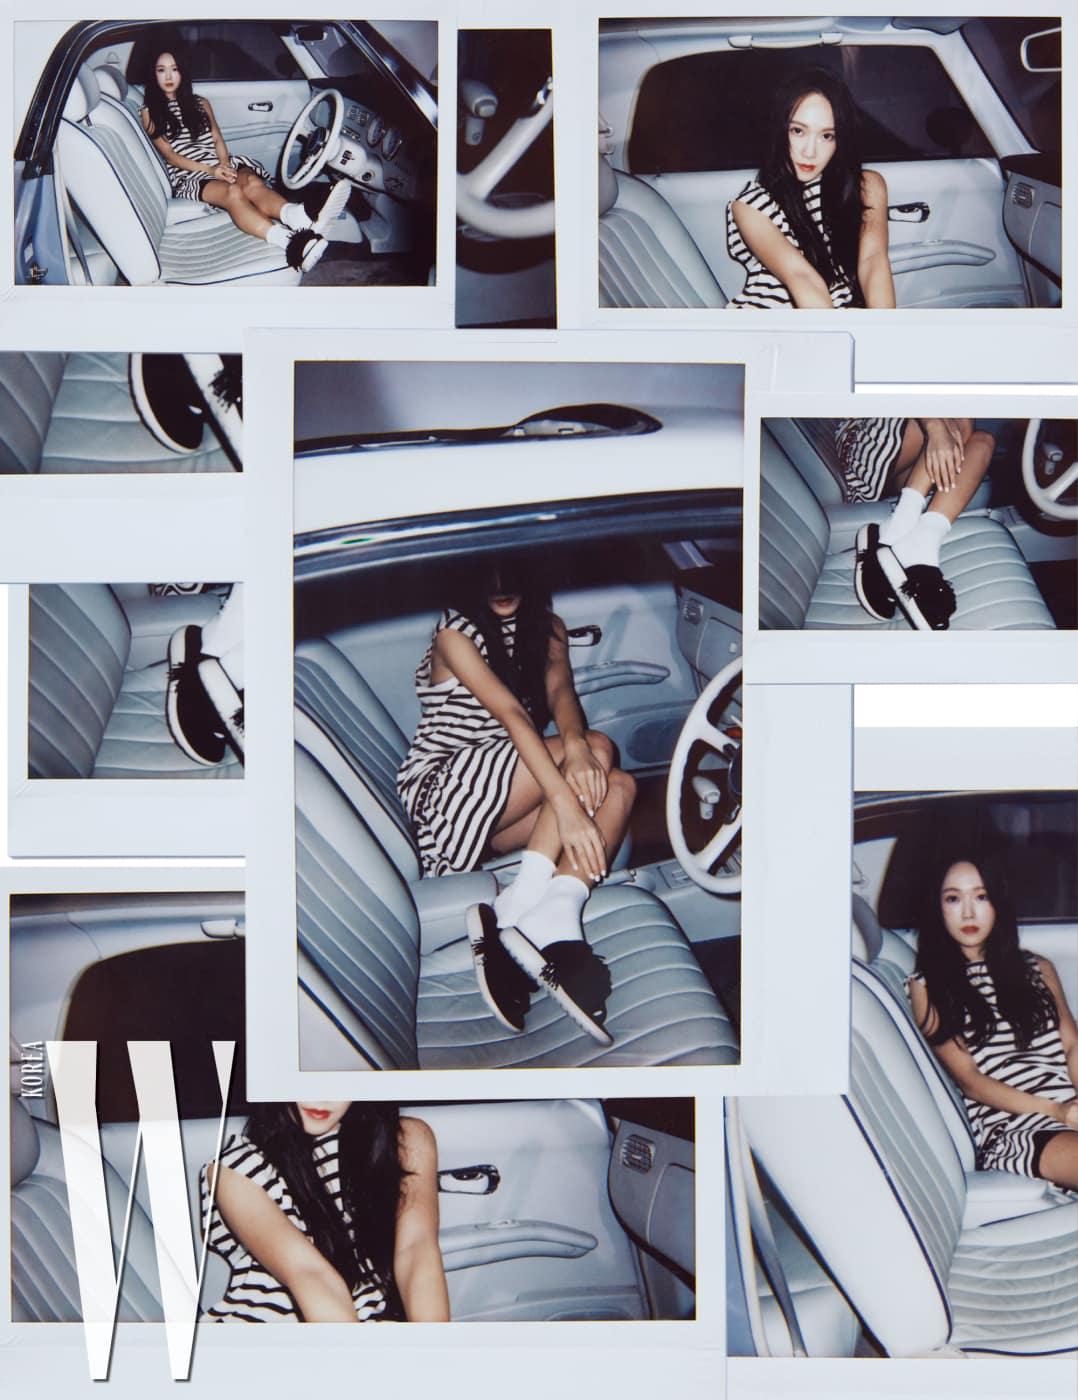 허리 부분의 폼폼 장식이 귀여운 줄무늬 프린트 드레스와 폼폼 장식 스포츠 샌들은 Marc Jacobs 제품.